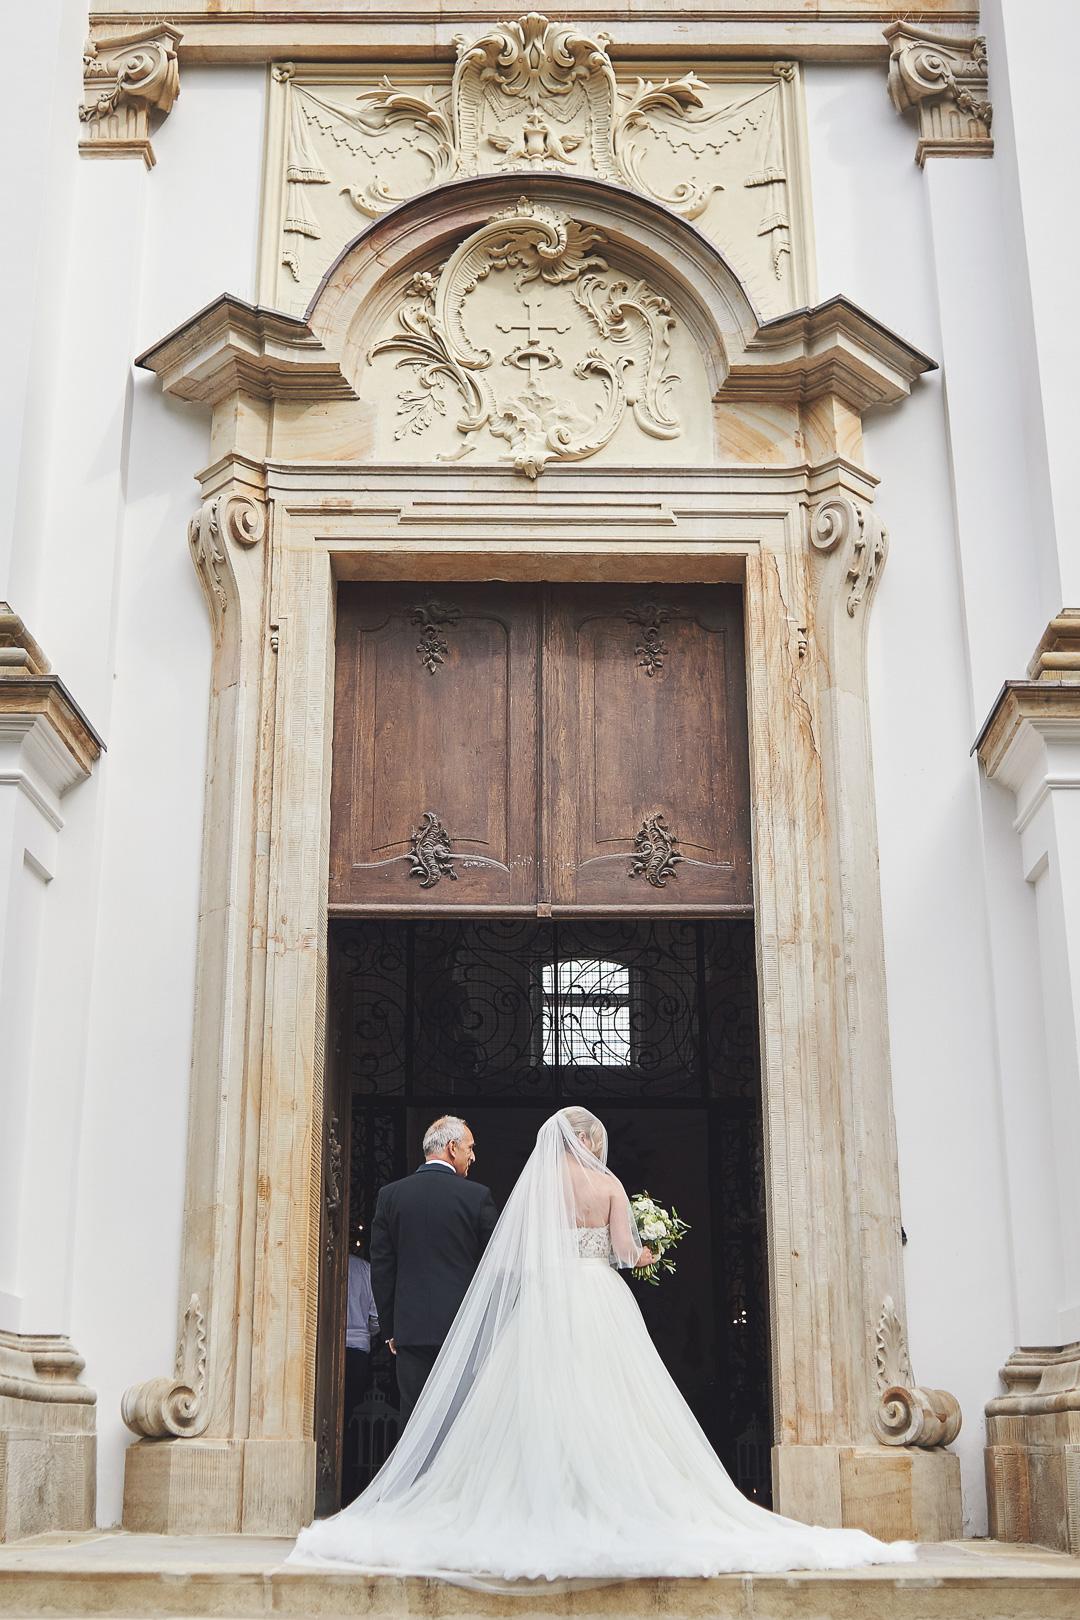 A+M - fotoreportaż ślubny / Lasek Bielański / Villa Omnia 30